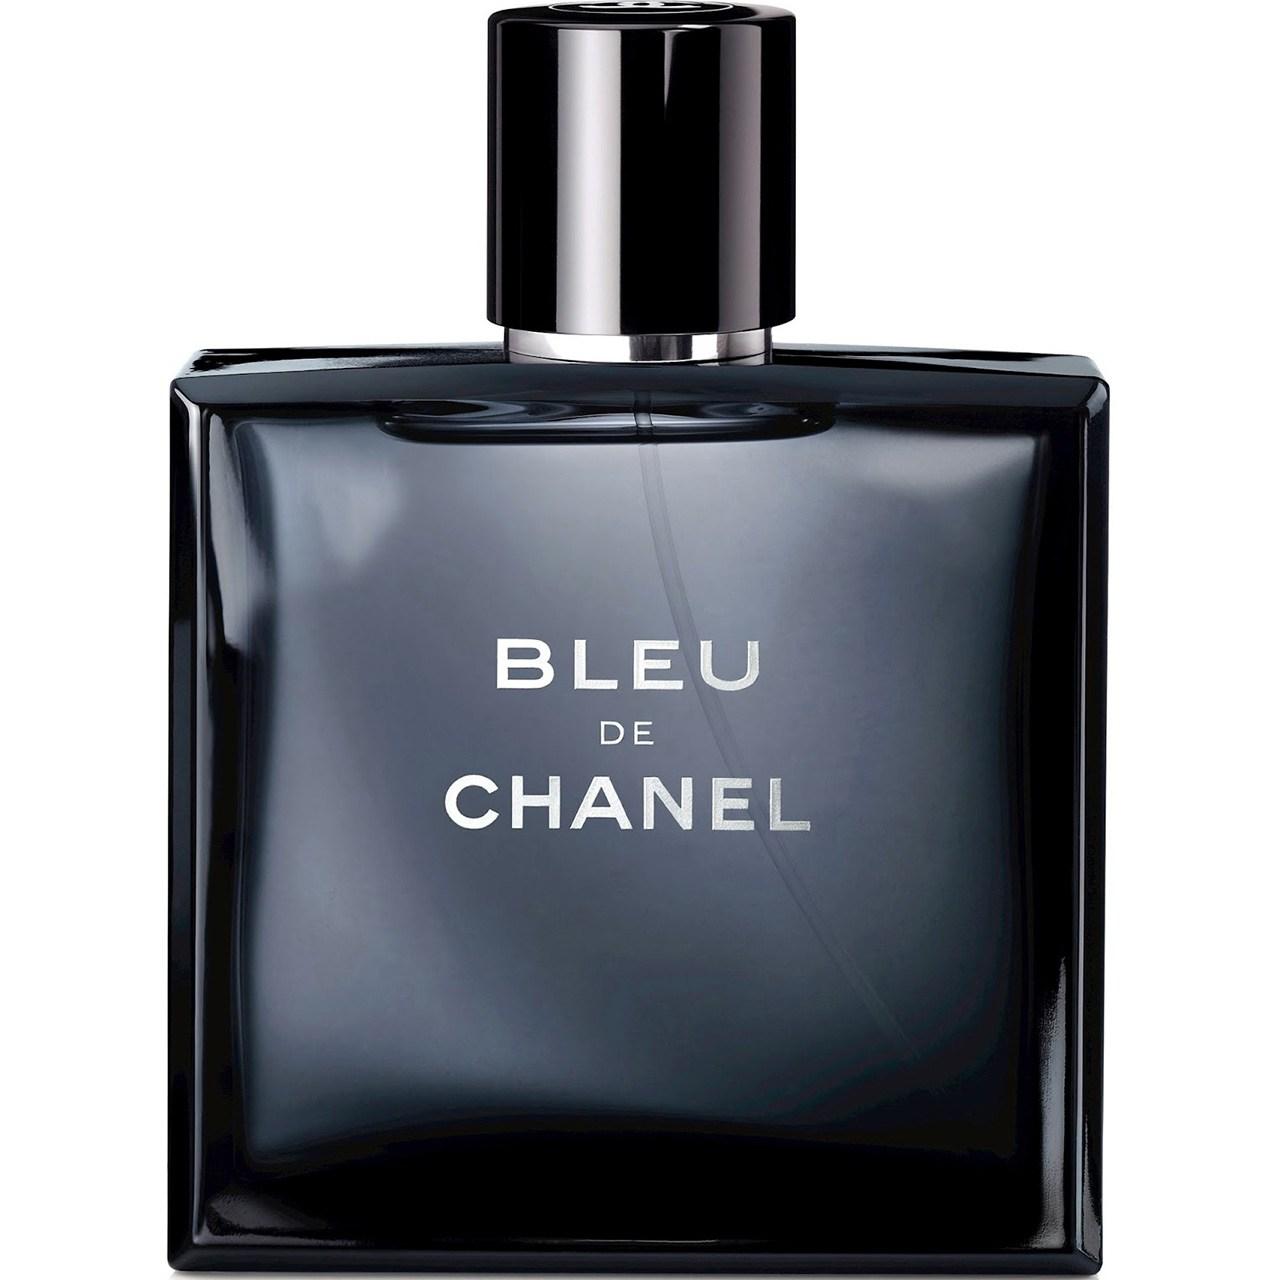 ادو تویلت مردانه مدل شانل Bleu de Chanel حجم 150 میلی لیتر